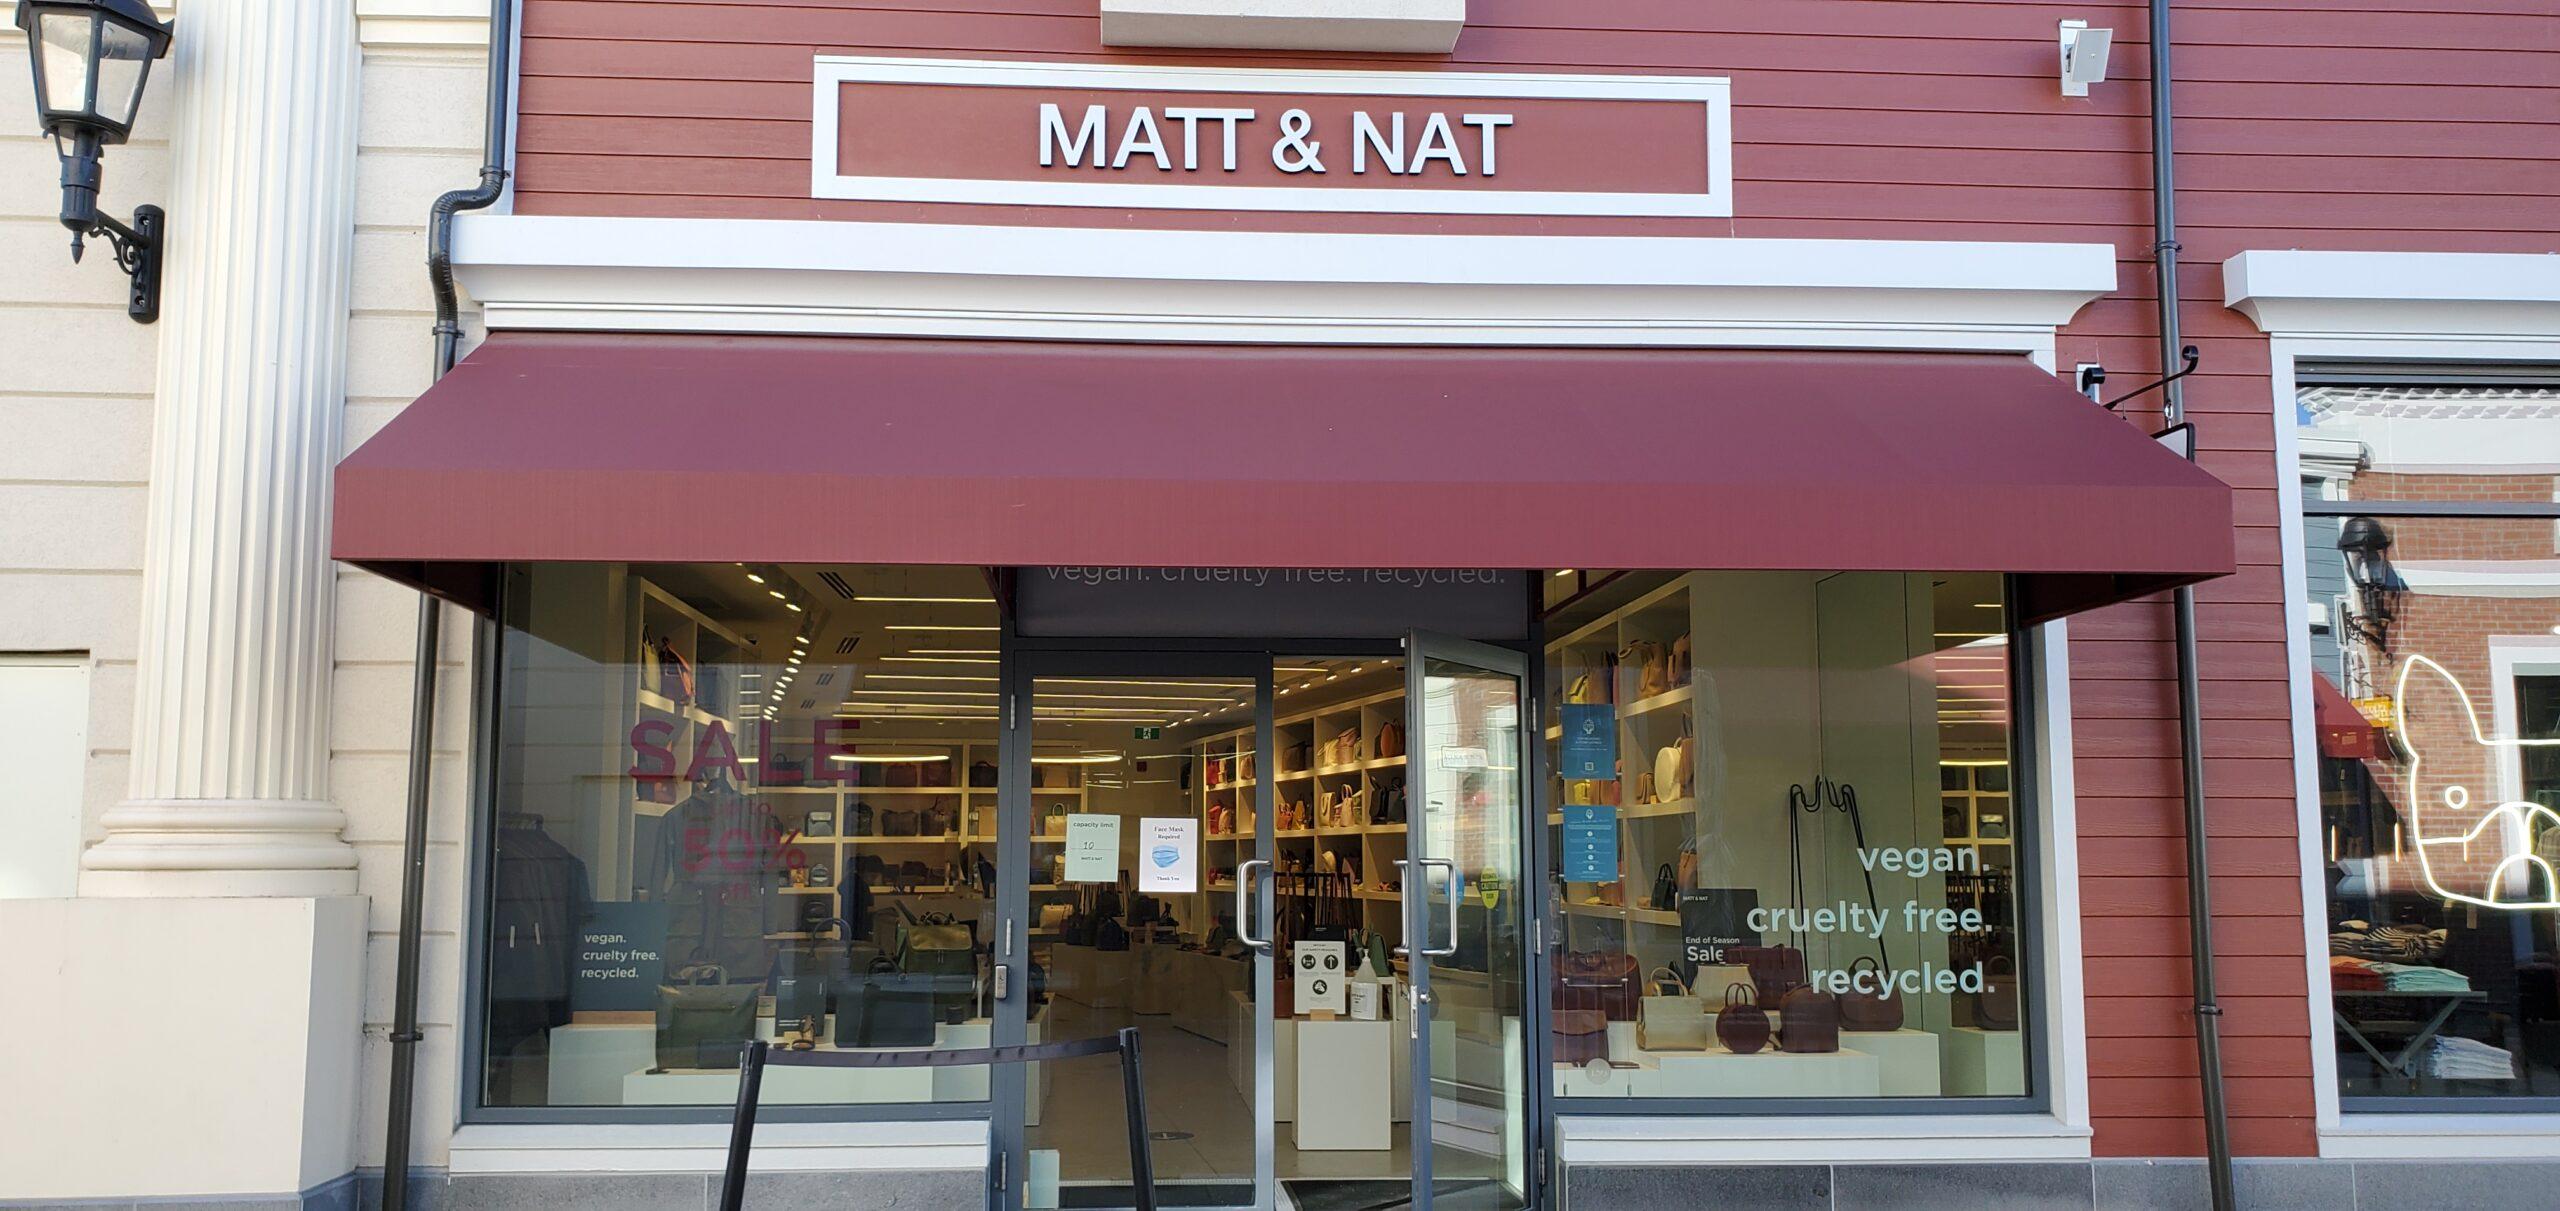 Matt & Nat at McArthur Glen